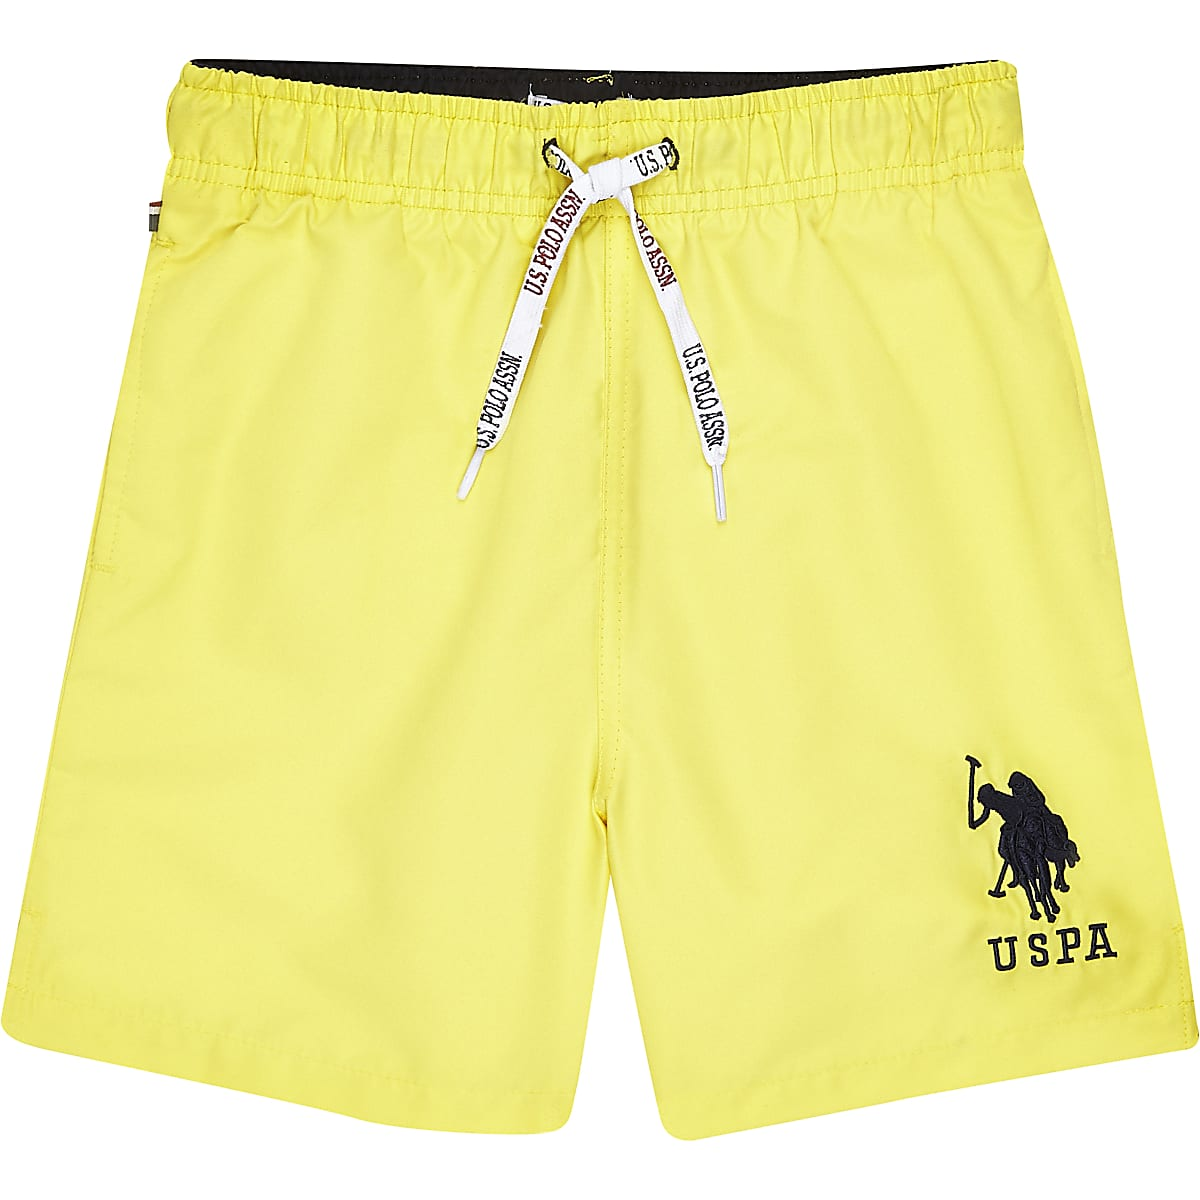 7a1e3e4c83 Boys yellow U.S. Polo Assn. swim shorts